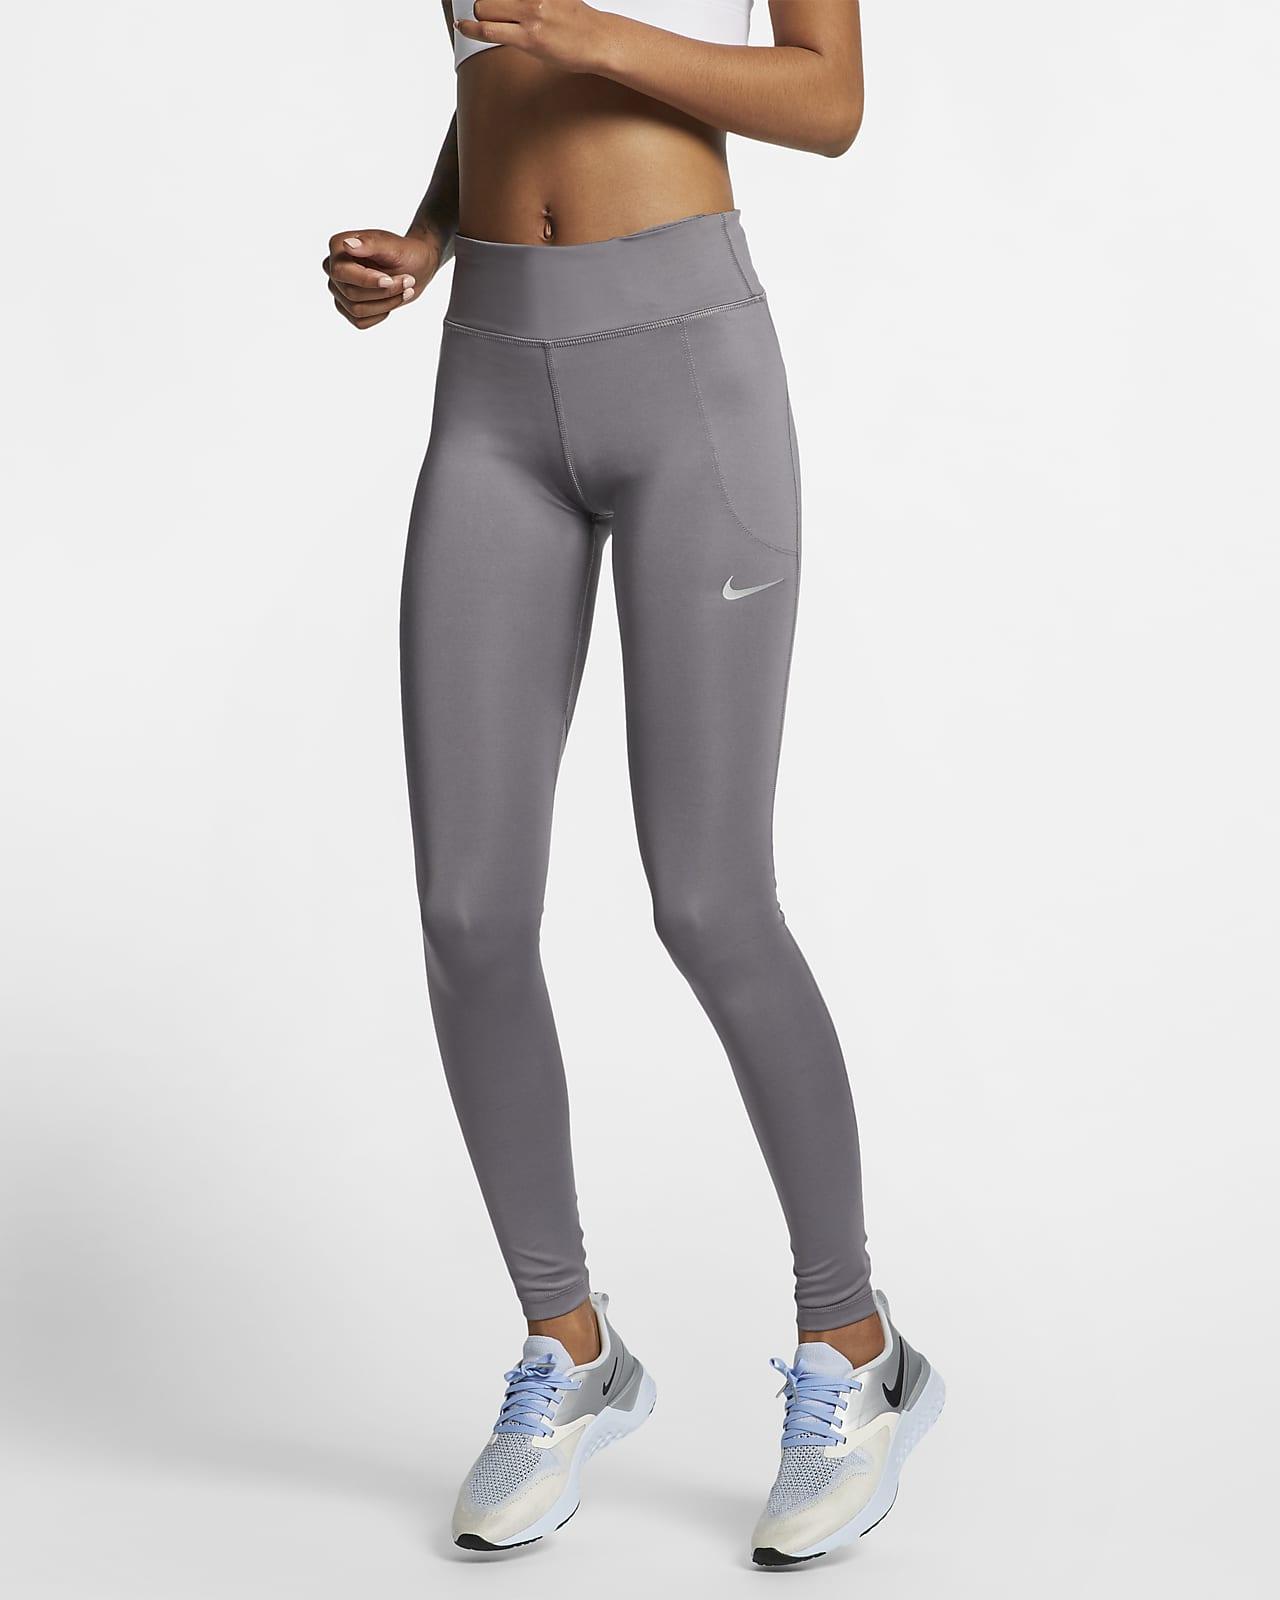 Nike 女款跑步緊身褲